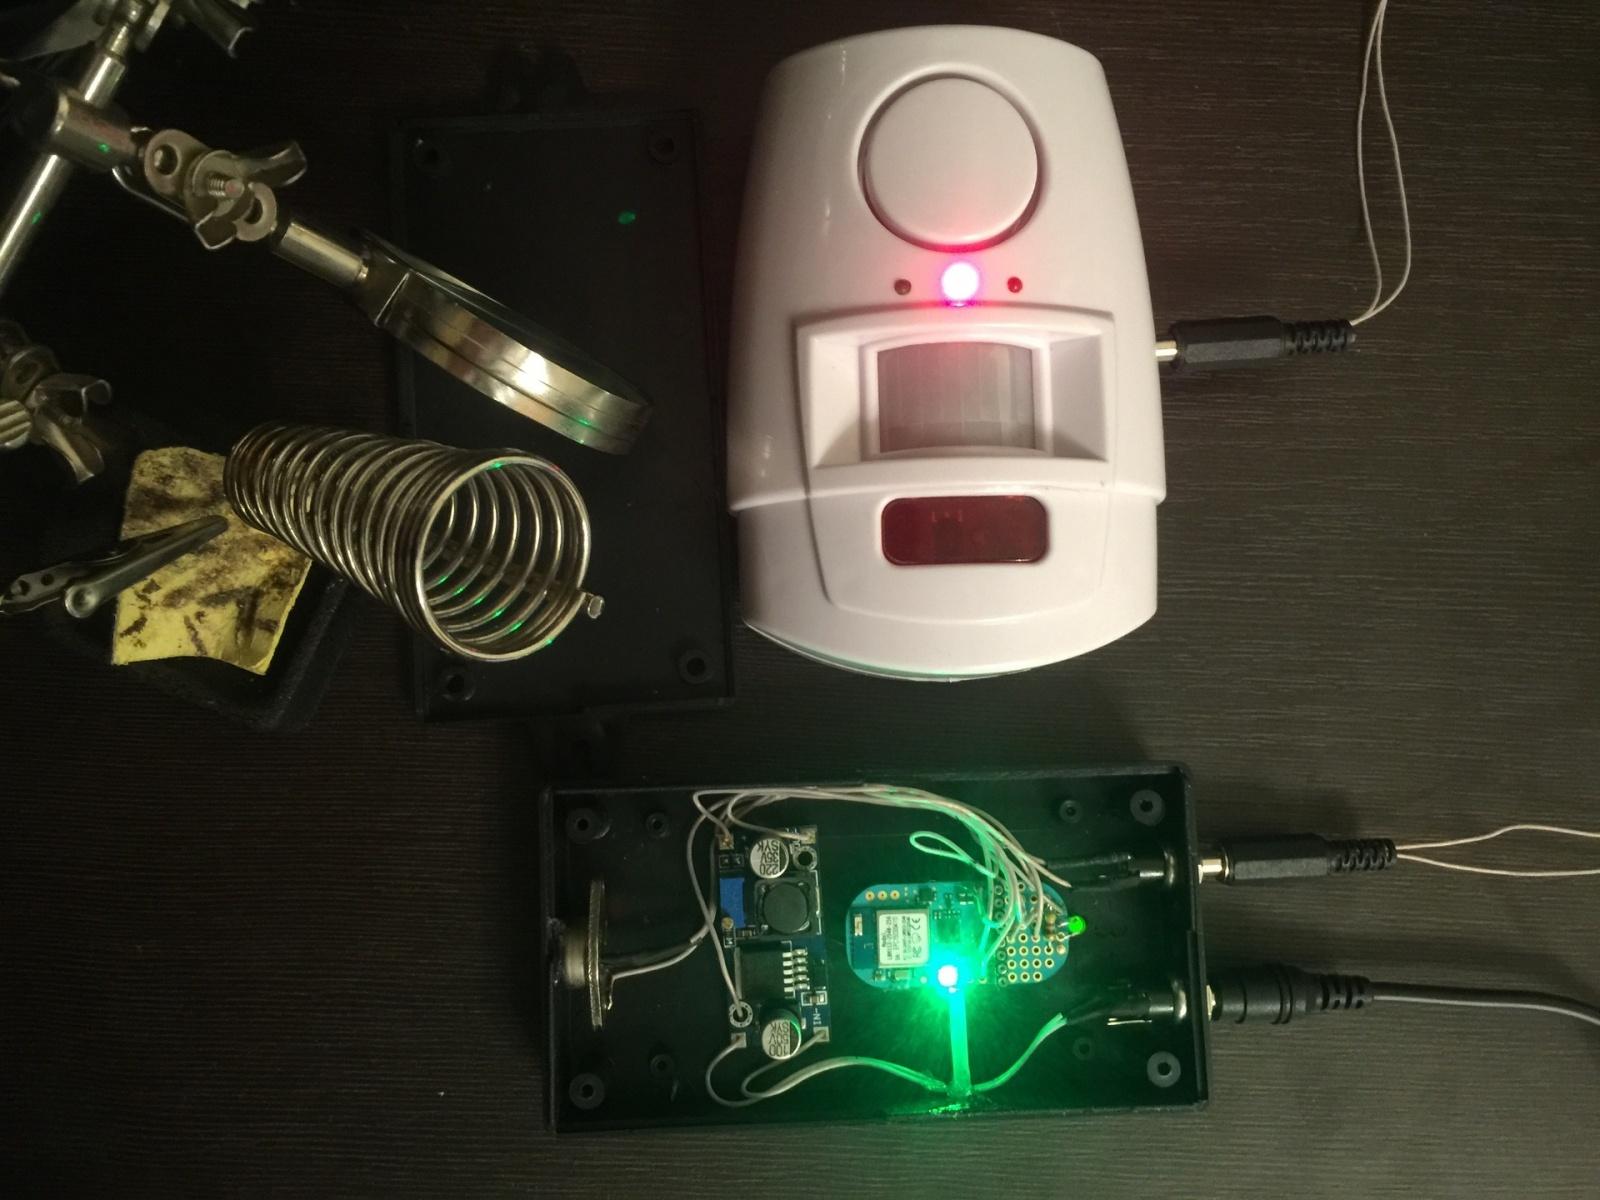 Удаленное управления сигнализацией с телефона или компьютера - 3